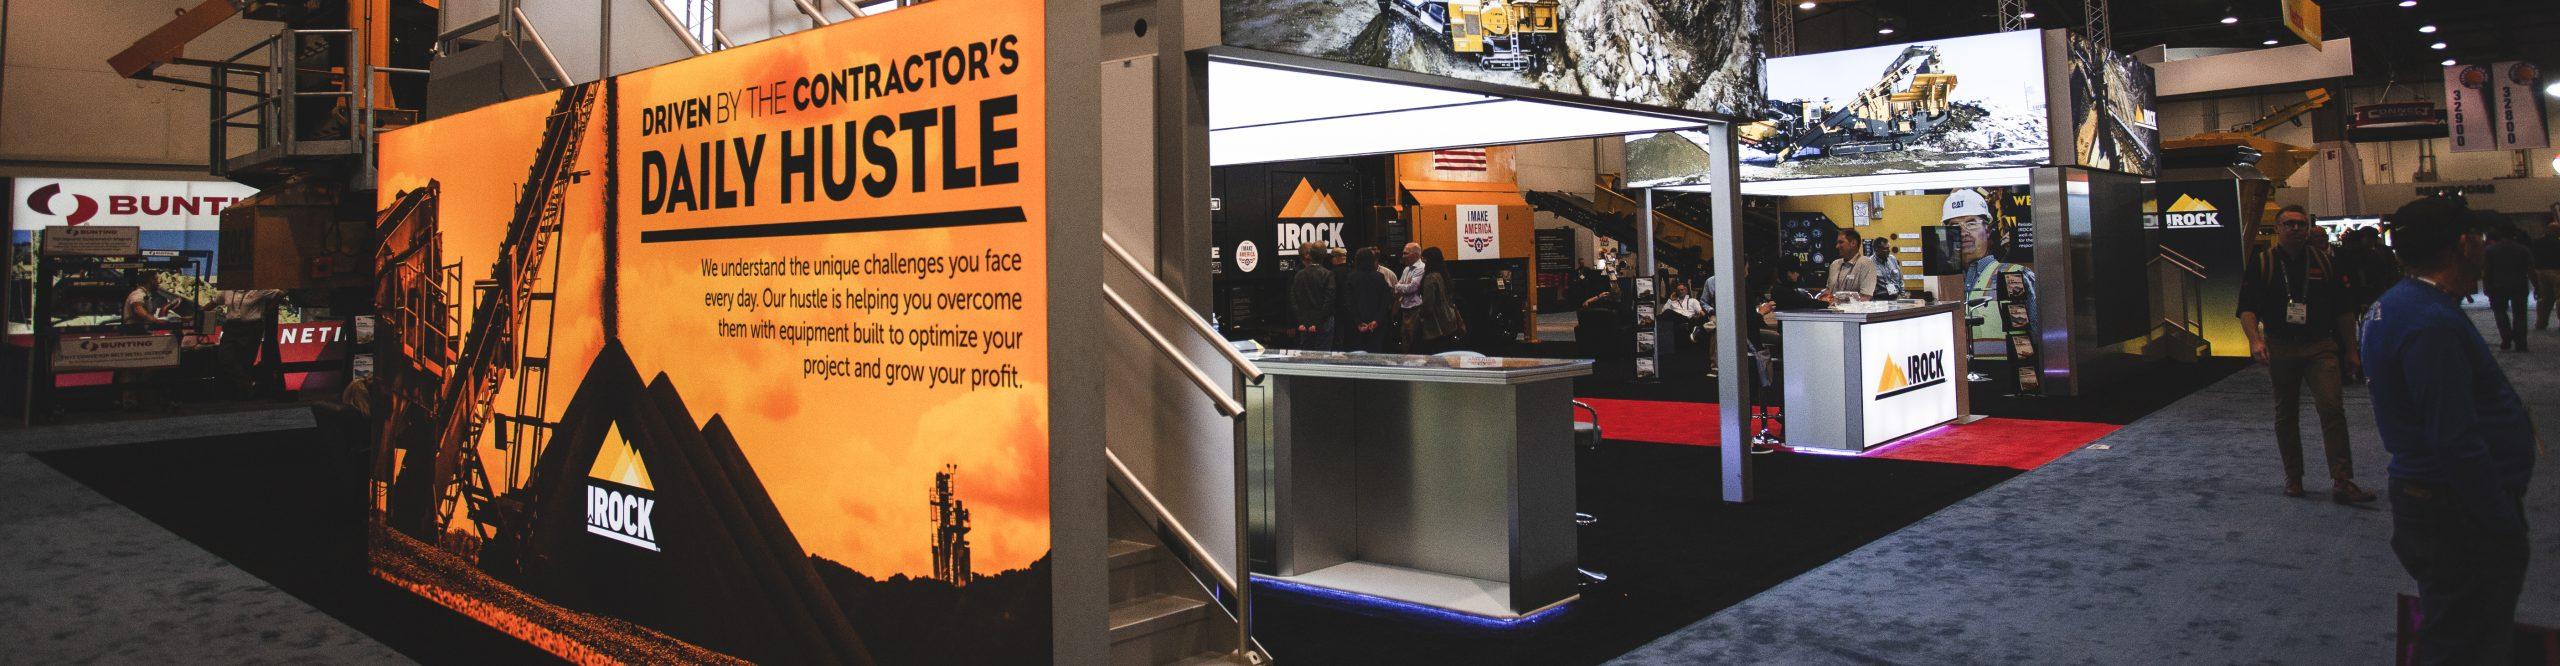 IROCK crushers trade show header image